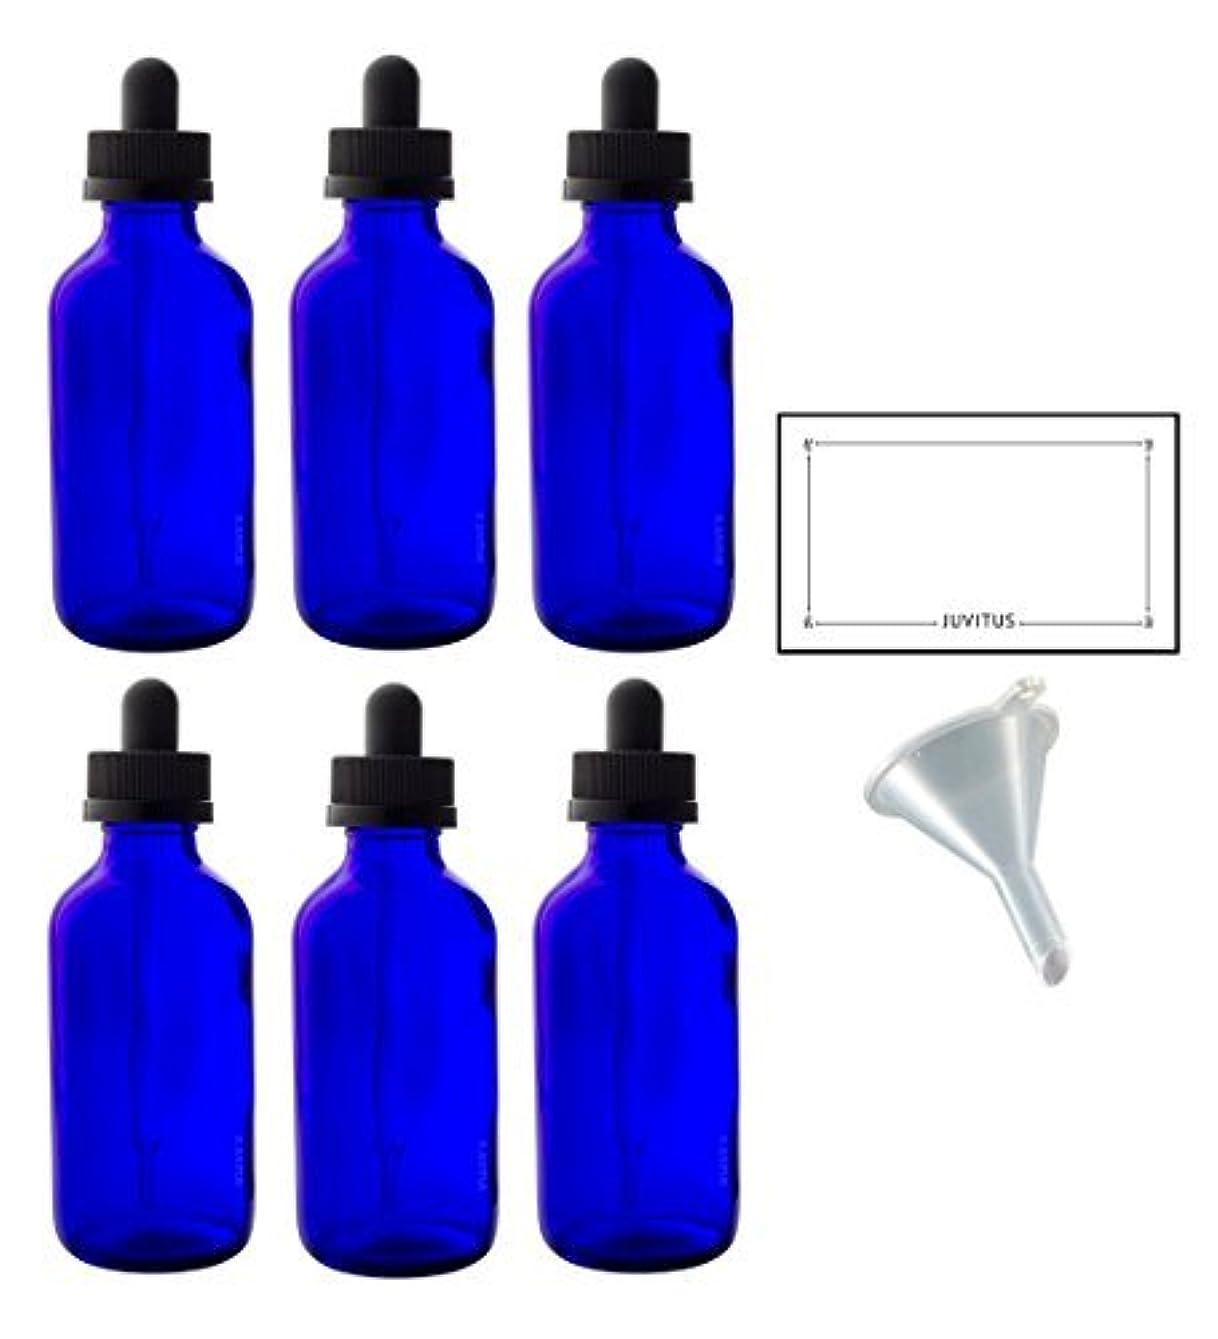 密講師裏切り4 oz Cobalt Blue Glass Boston Round Dropper Bottle (6 pack) + Funnel and Labels for essential oils, aromatherapy...